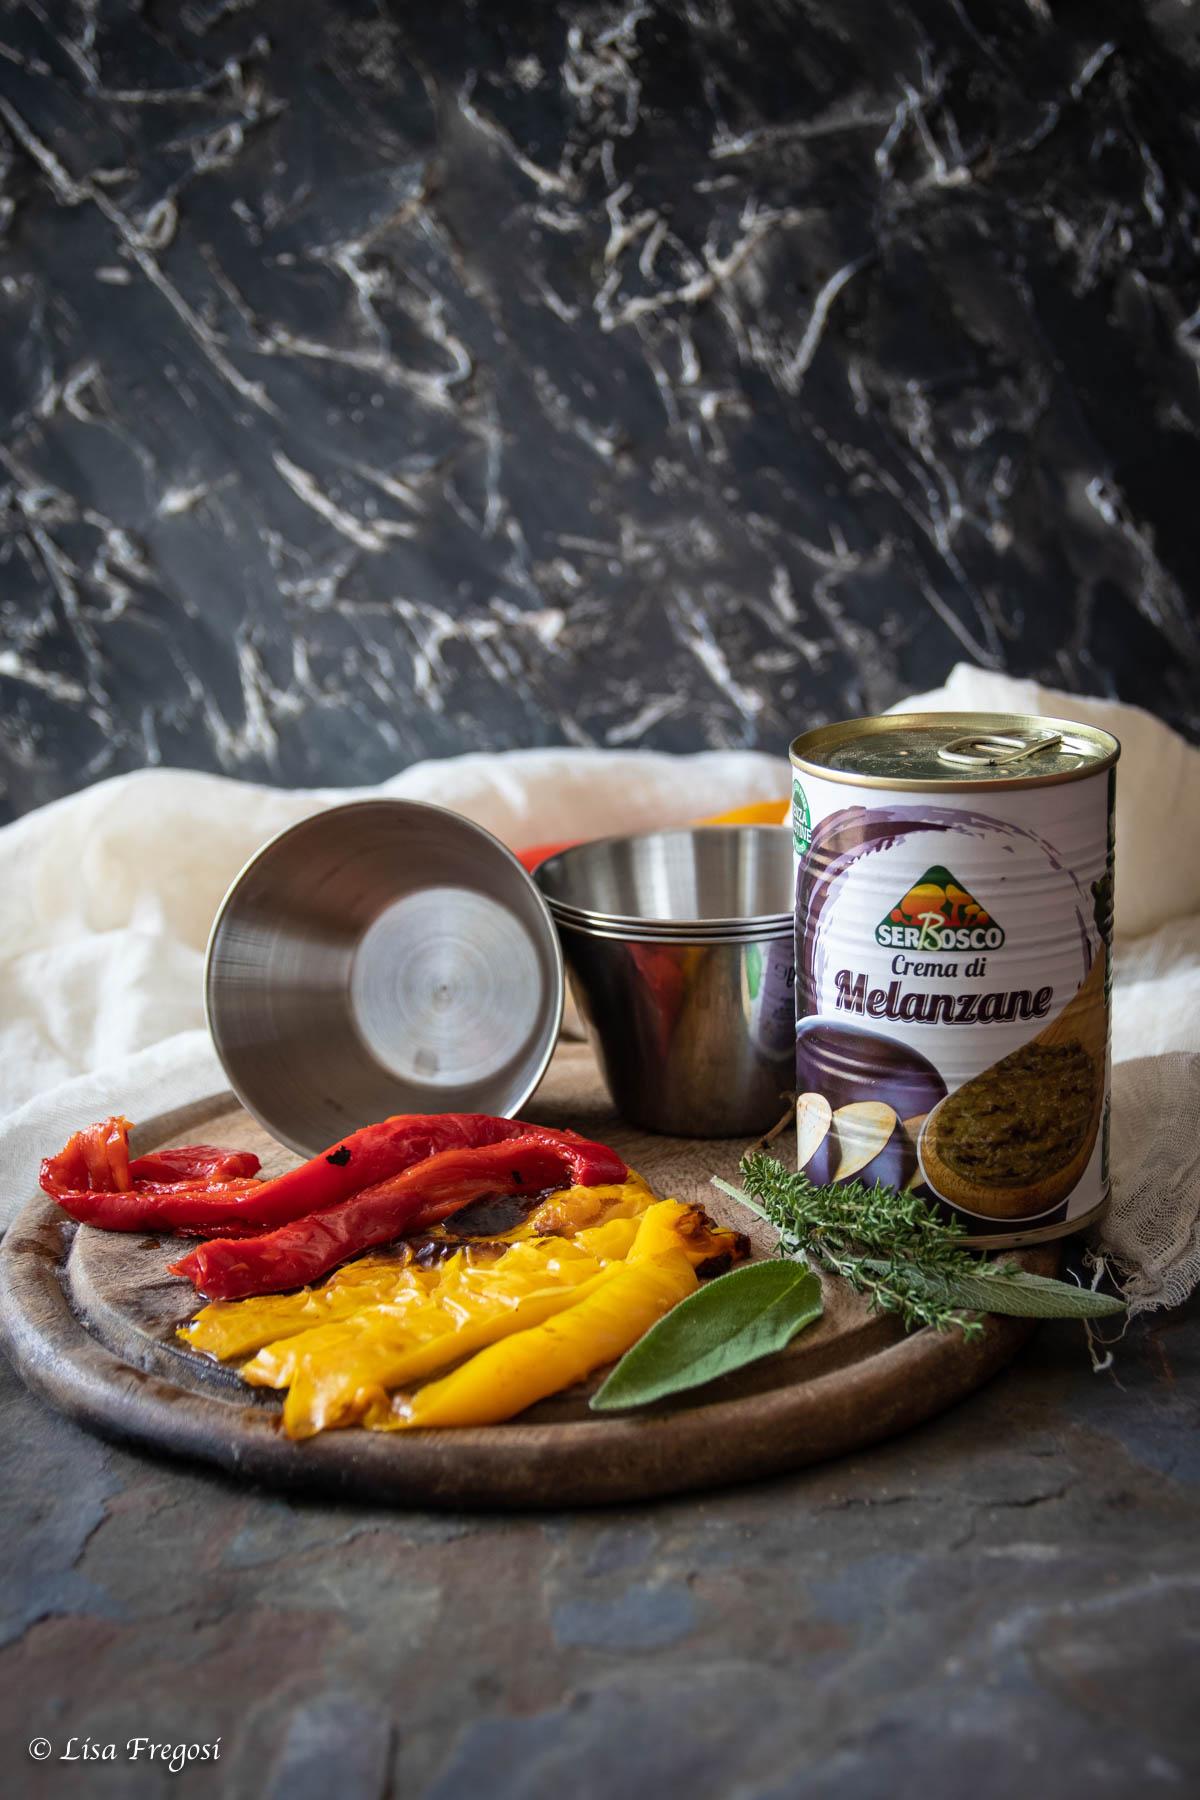 crema di melanzane Serbosco